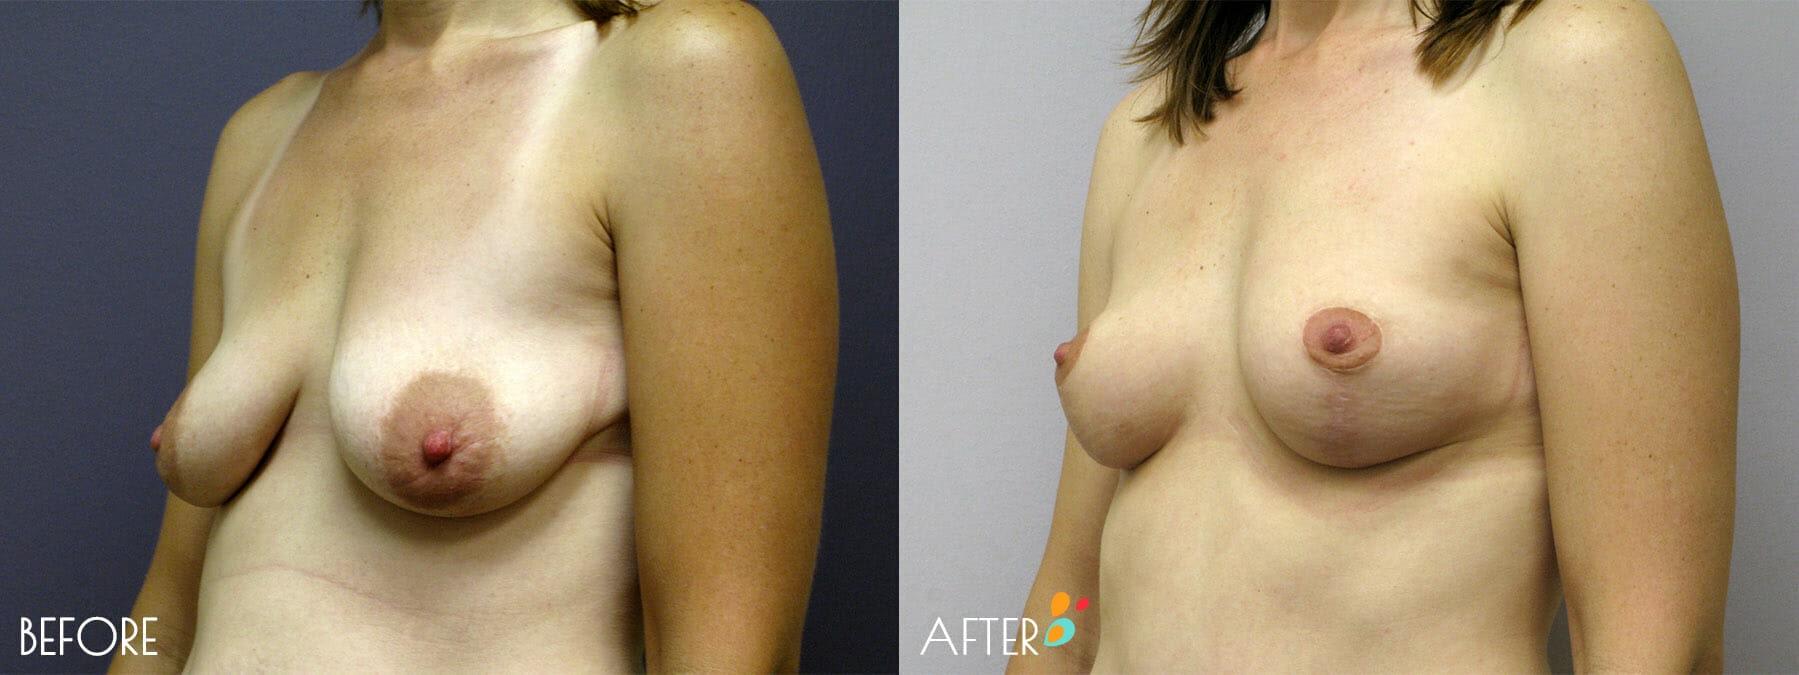 Breast Lift Patient 01, Quarter